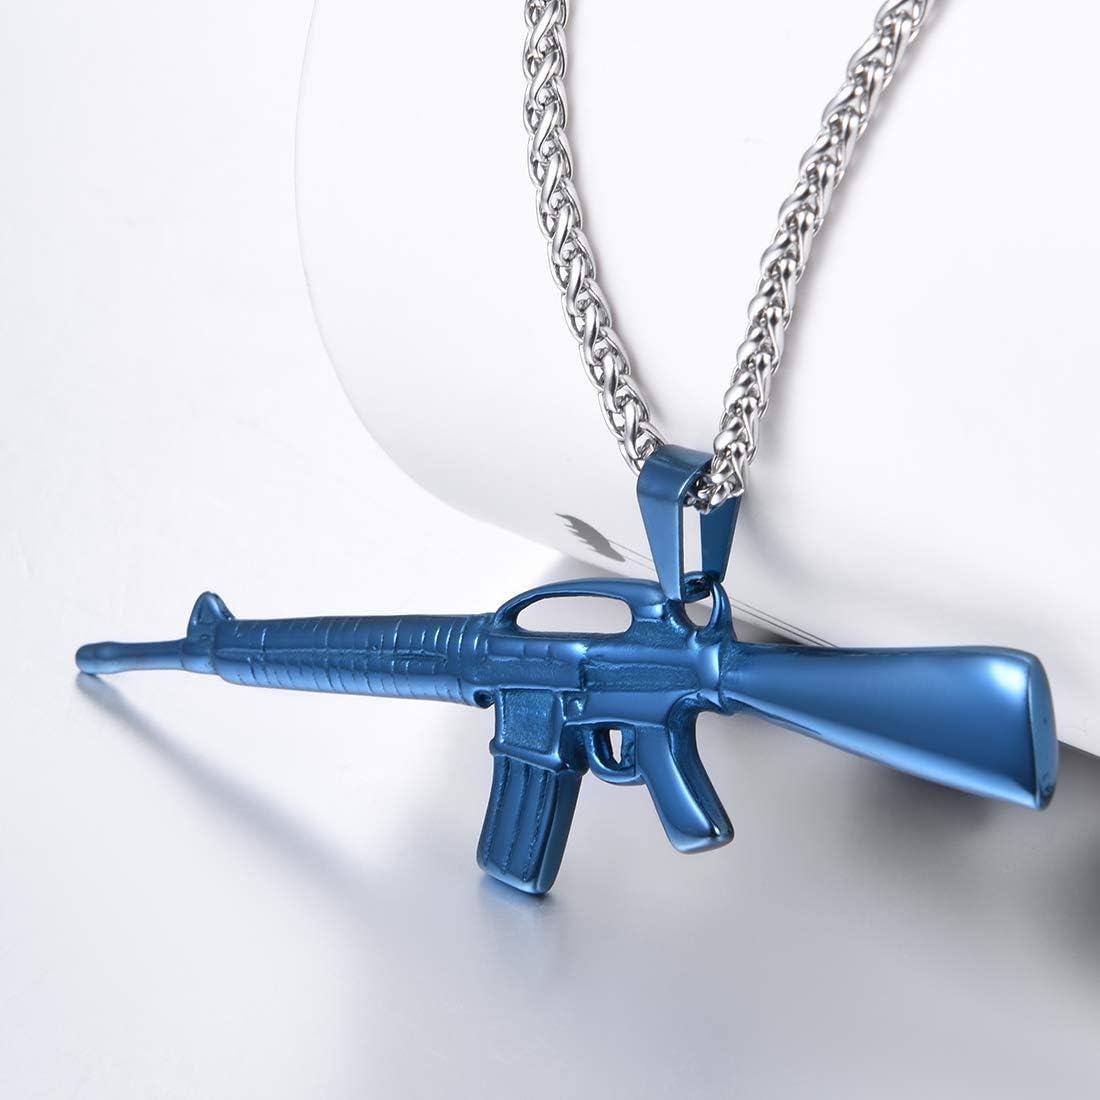 Catena Regolabile U7 Collana Pendente Uomo M16 // AK-47 // Uzi // M9 Fucile Pistola Mitragliatore Argento Blu Nero Oro Stile Hip Hop Cool Swag Acciaio Inossidabile//Placcato Oro con Confezione